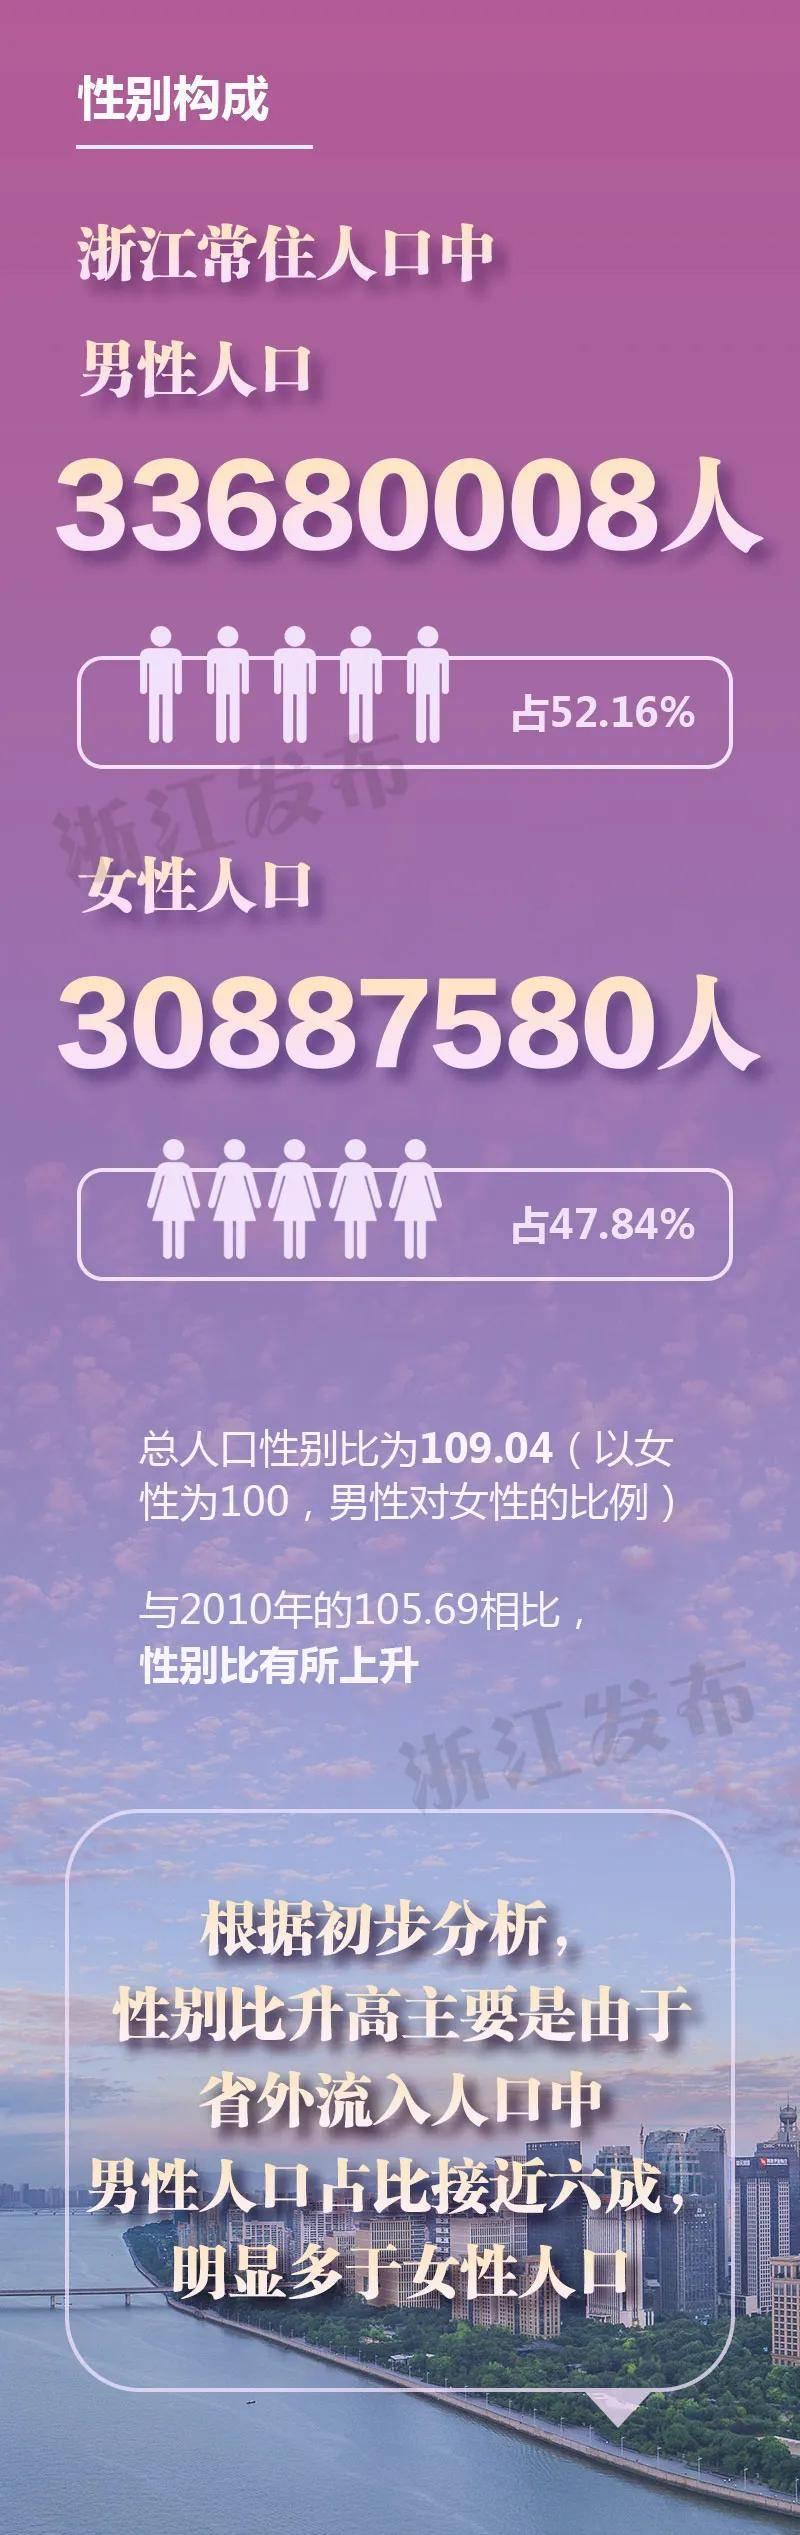 杭州人口有多少_杭州2020年人才流入居全国榜首!